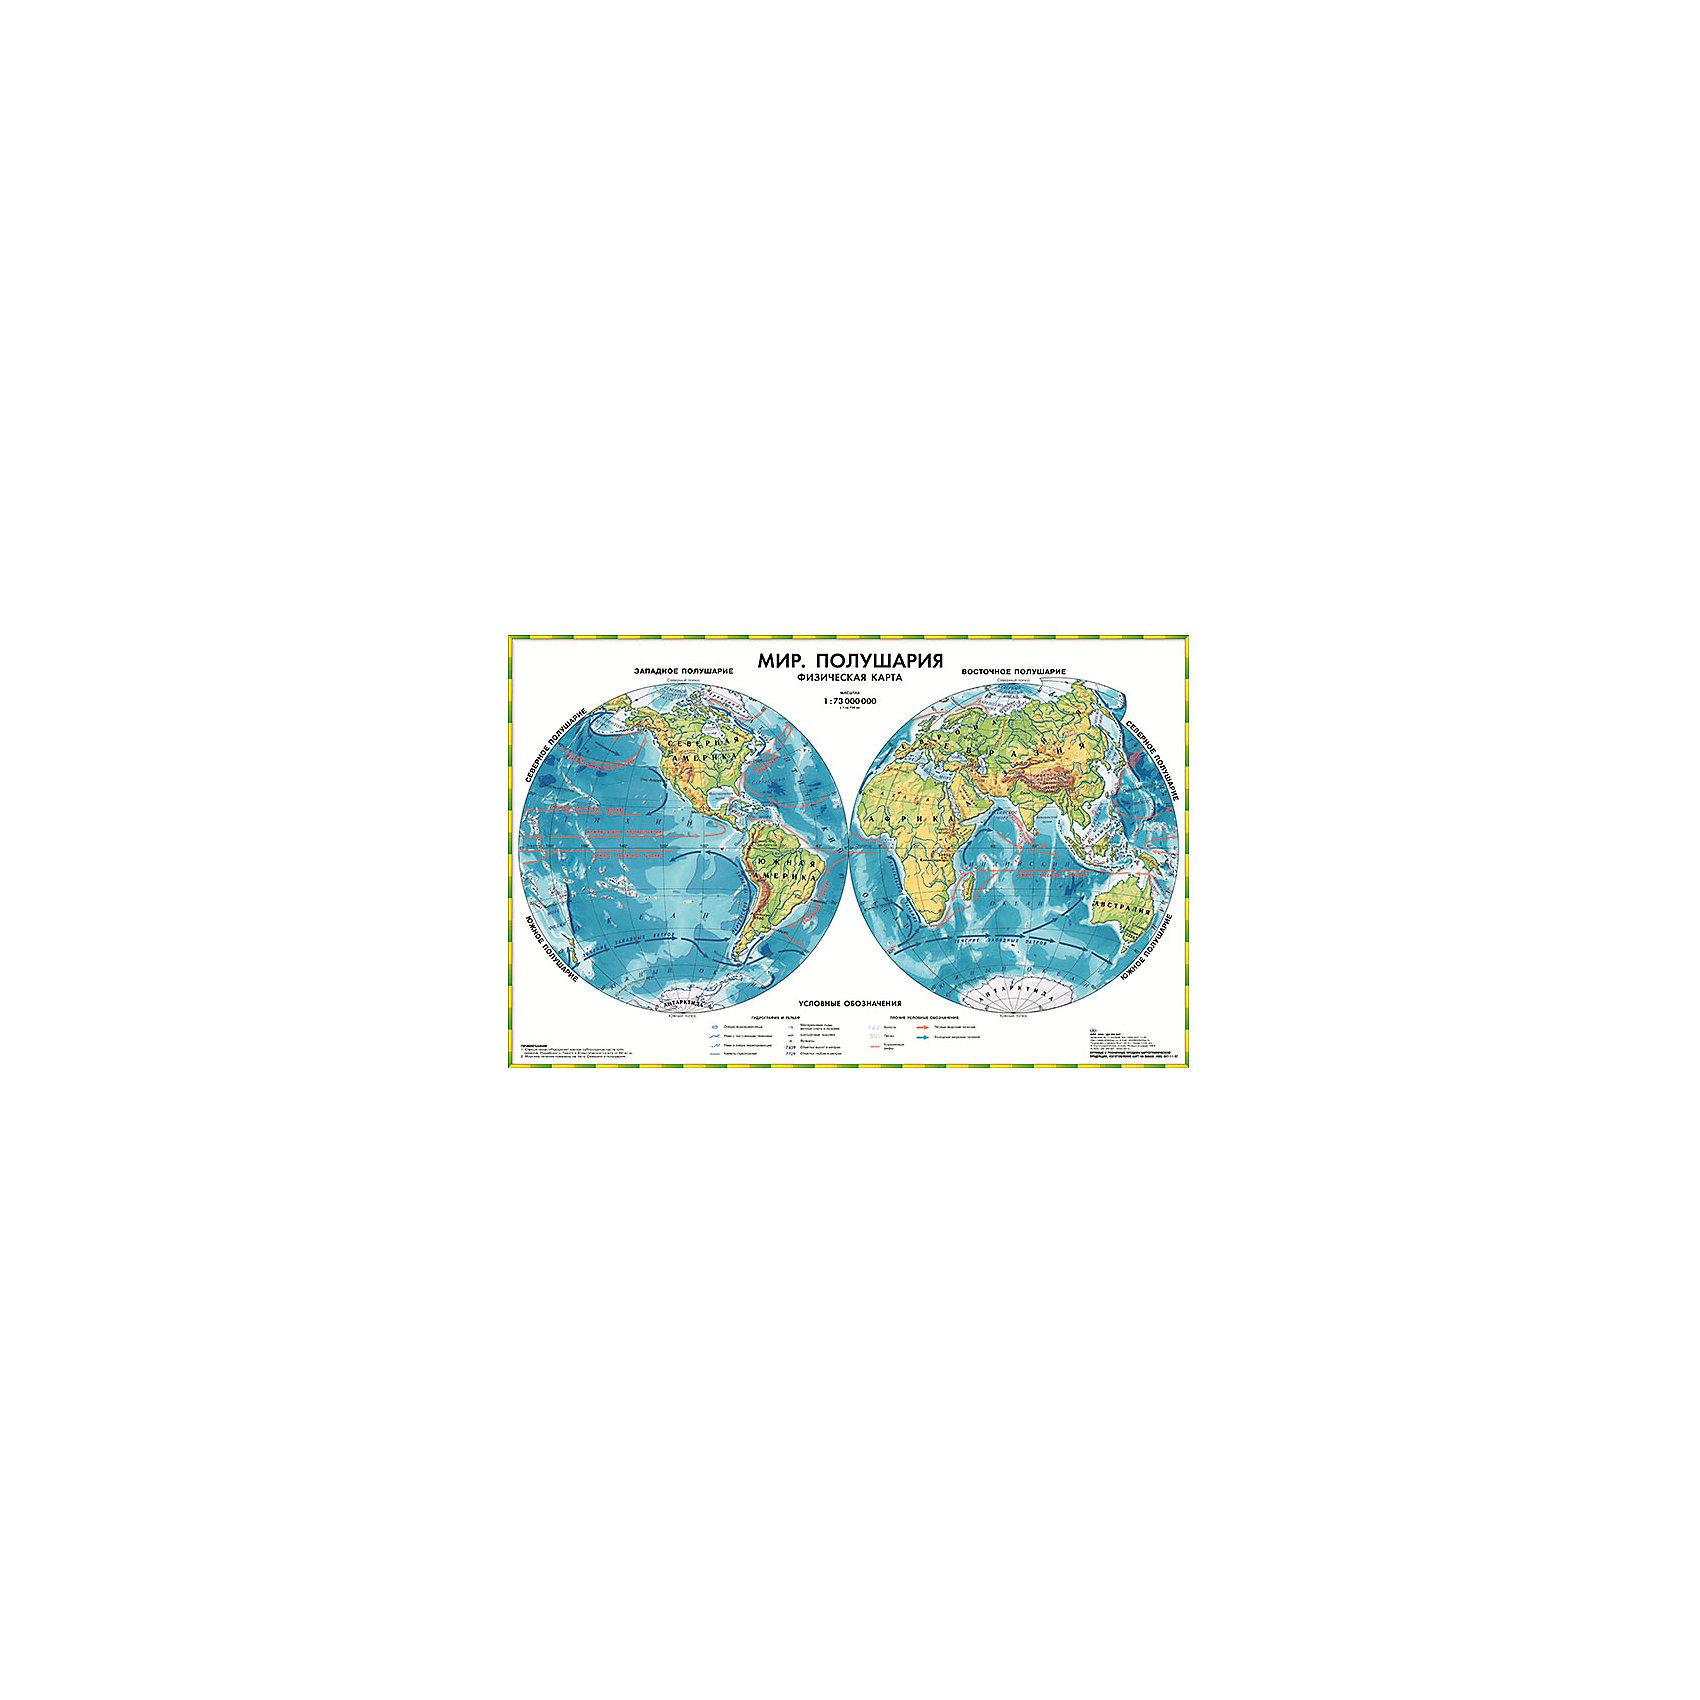 Настольная физическая карта Полушария, масштаб 1:73Атласы и карты<br>Карта выполнена в виде двух отдельных полушарий – восточного и западного – с точным разделением их по долготе и соблюдением общепринятых условных обозначений ландшафта земной коры. На оборотной стороне размещено красочное изображение вращения Земли вокруг своей оси и движение его вокруг Солнца.<br><br>Дополнительная информация:<br><br>- Материал: бумага.<br>- Размер: 58х37 см.<br>- Двусторонняя карта. <br>- Масштаб: 1:73.<br><br>Настольную физическую карту Полушария, (масштаб 1:73) можно купить в нашем магазине.<br><br>Ширина мм: 370<br>Глубина мм: 570<br>Высота мм: 370<br>Вес г: 90<br>Возраст от месяцев: 36<br>Возраст до месяцев: 2147483647<br>Пол: Унисекс<br>Возраст: Детский<br>SKU: 4093402